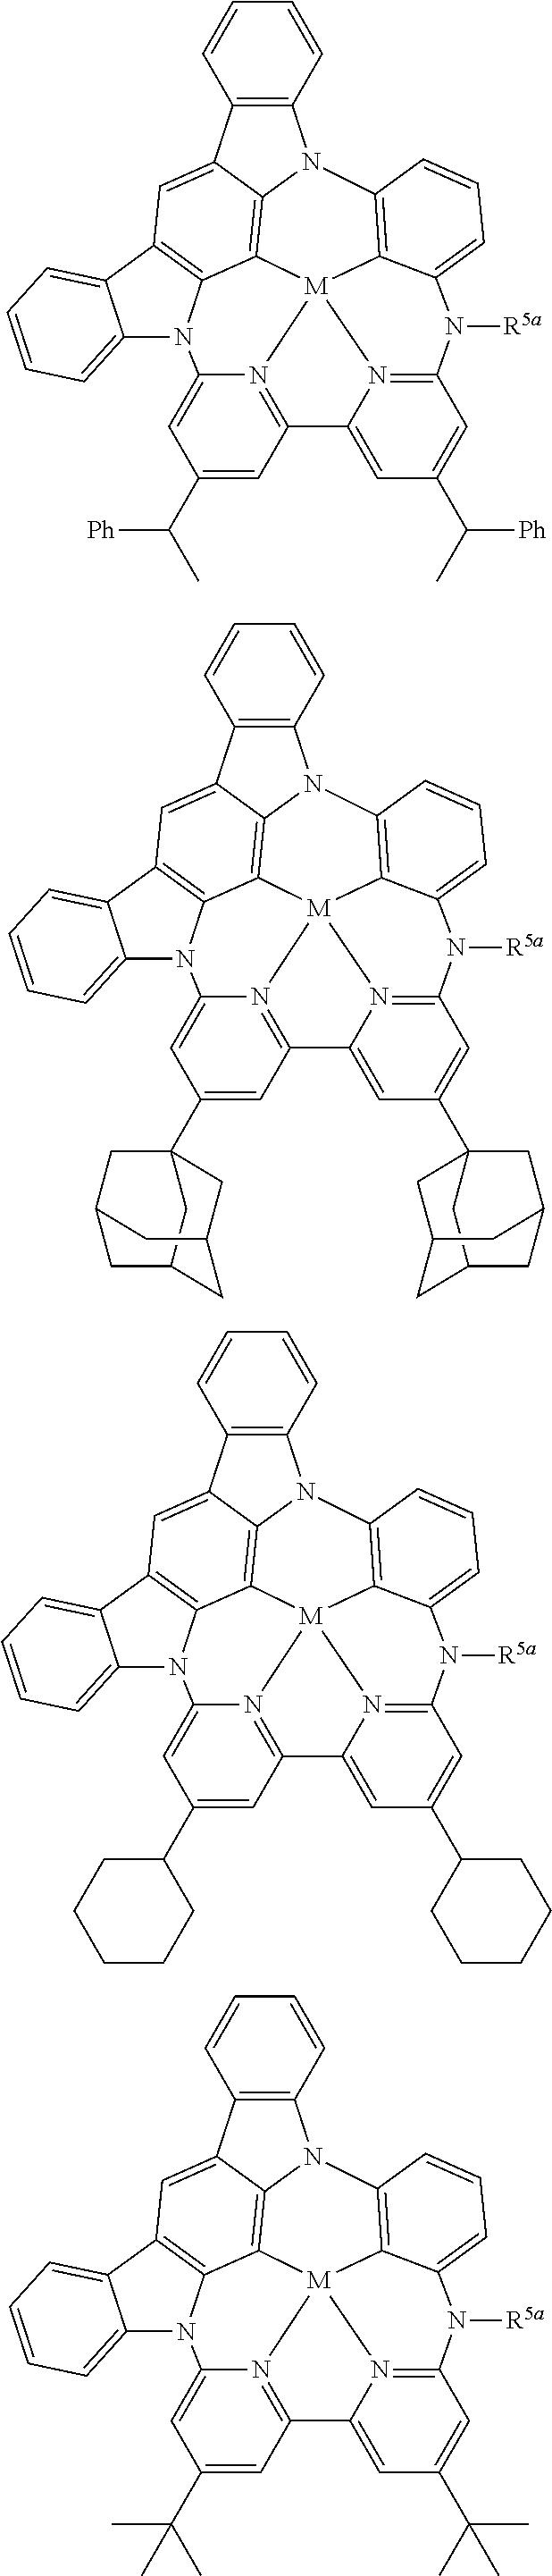 Figure US10158091-20181218-C00080